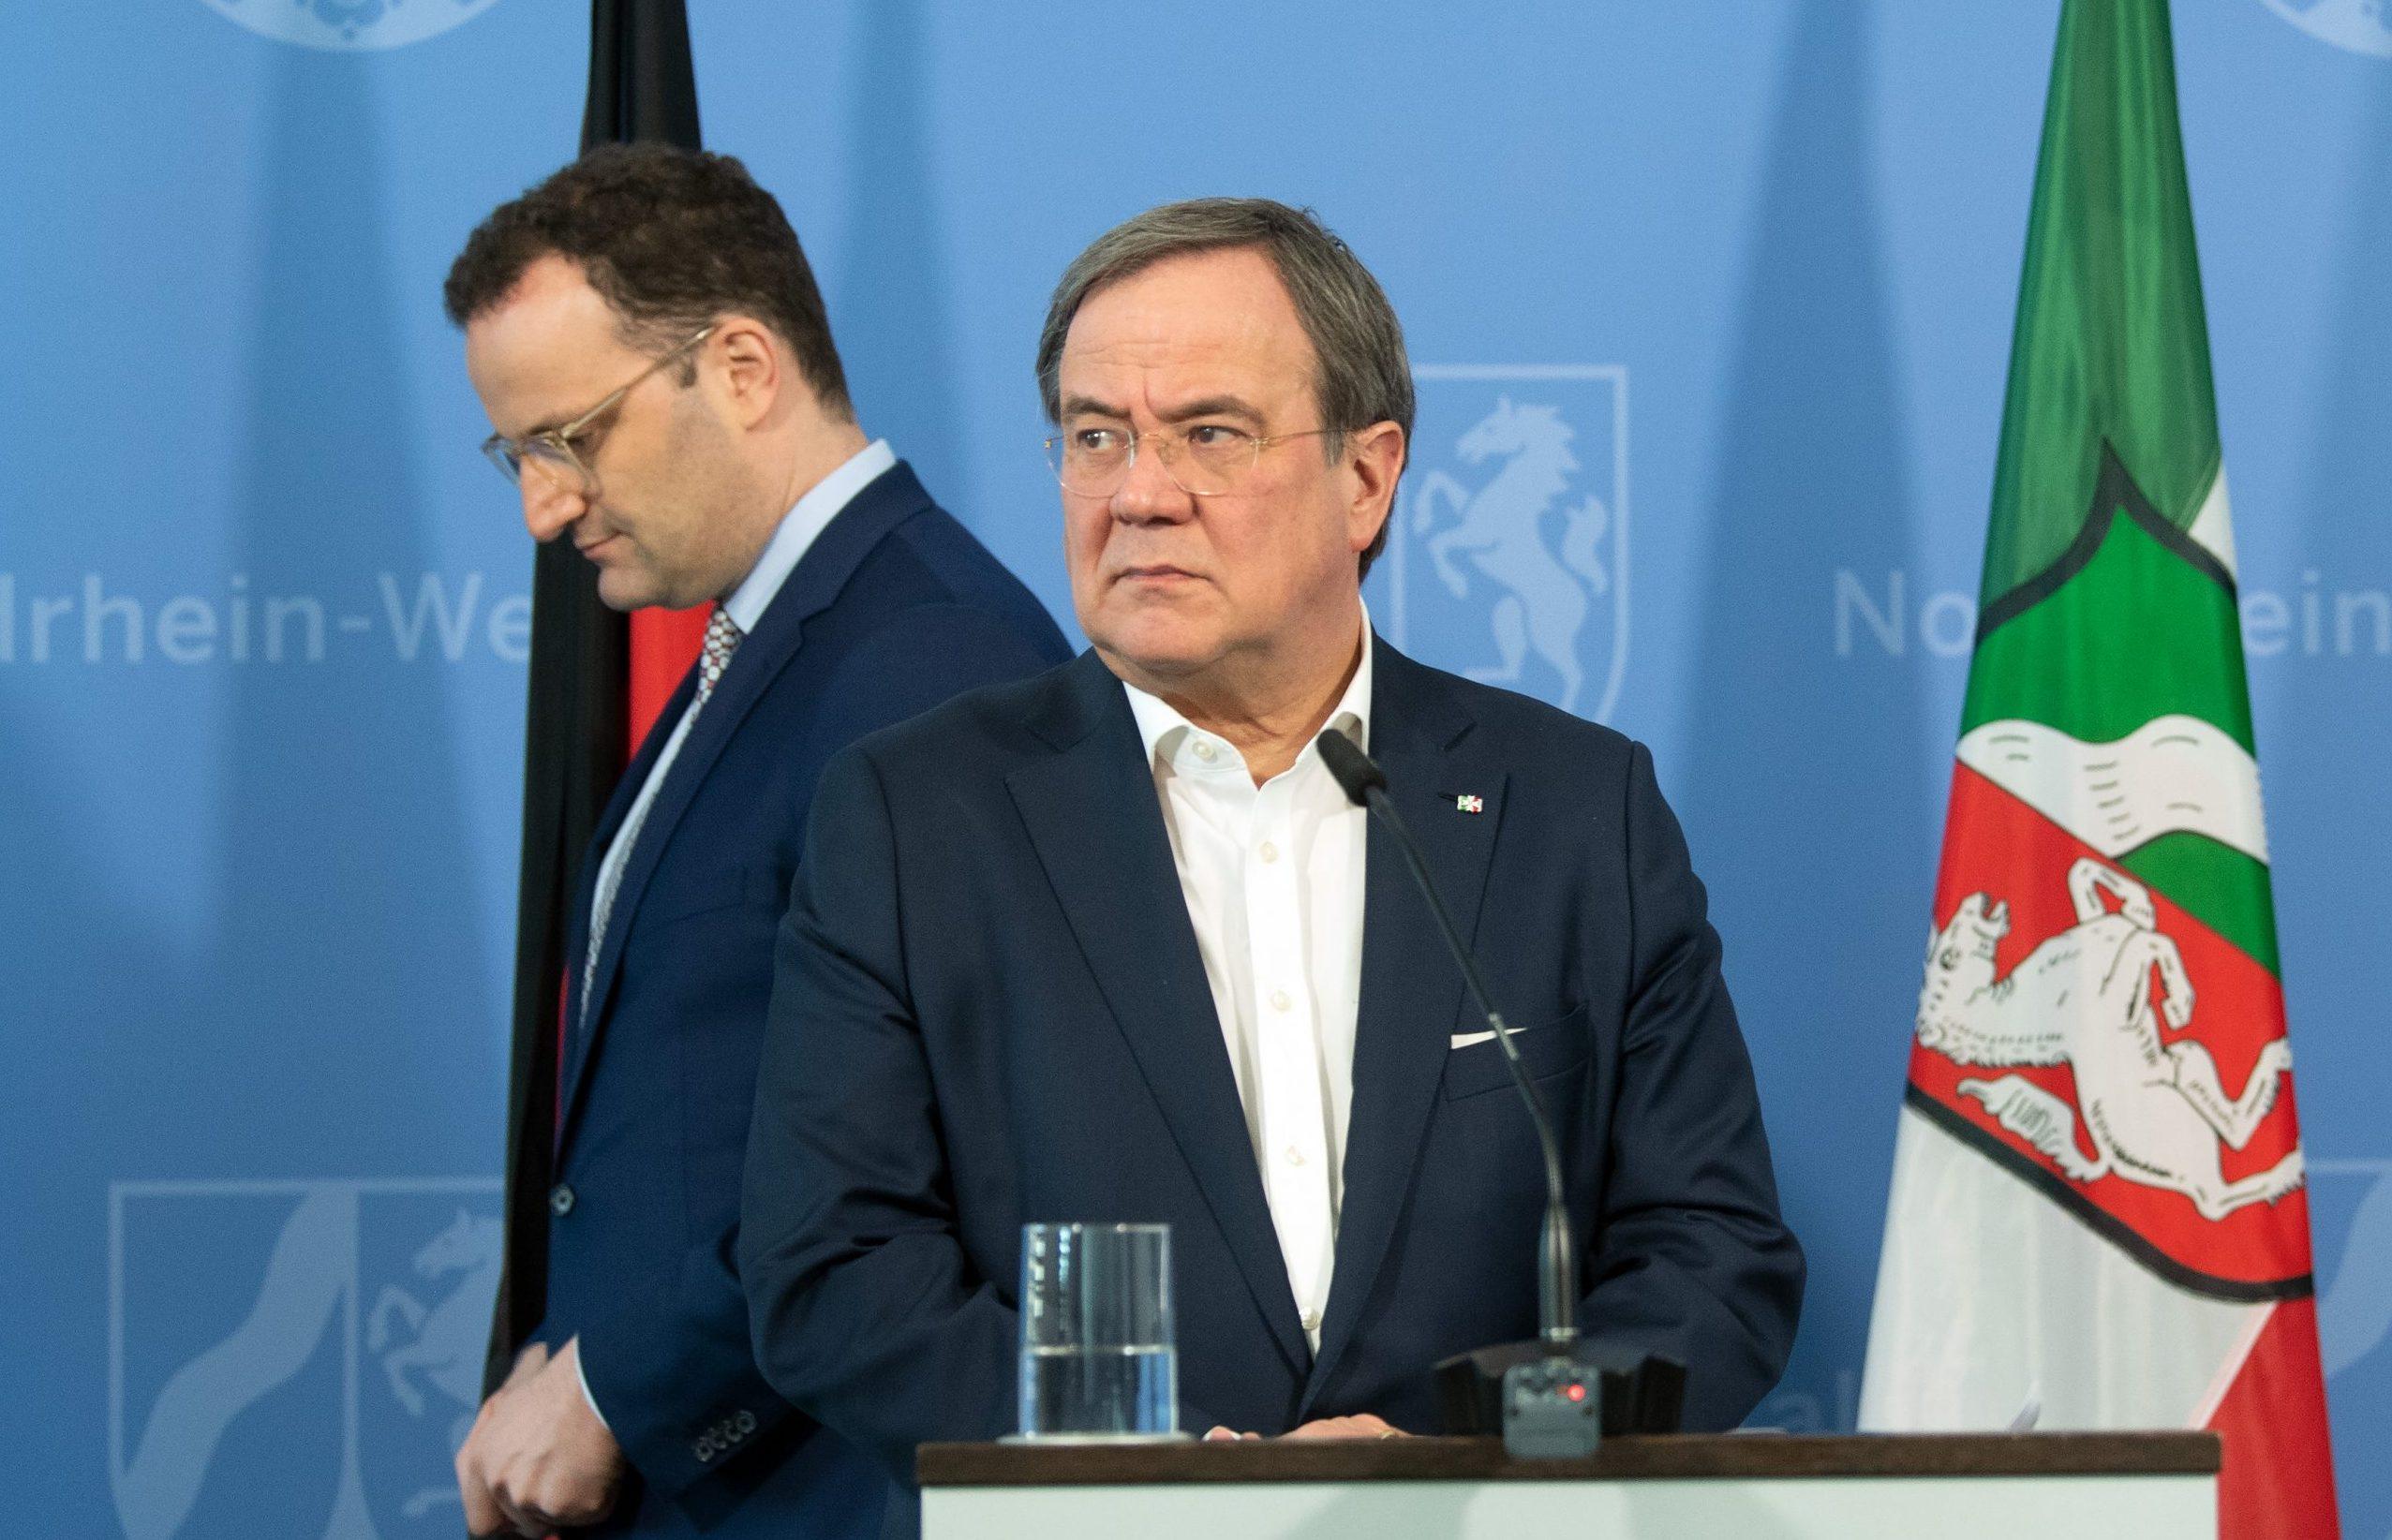 """""""Focus"""": Laschet muss auf Spahn verzichten – oder auf Kanzlerkandidatur"""